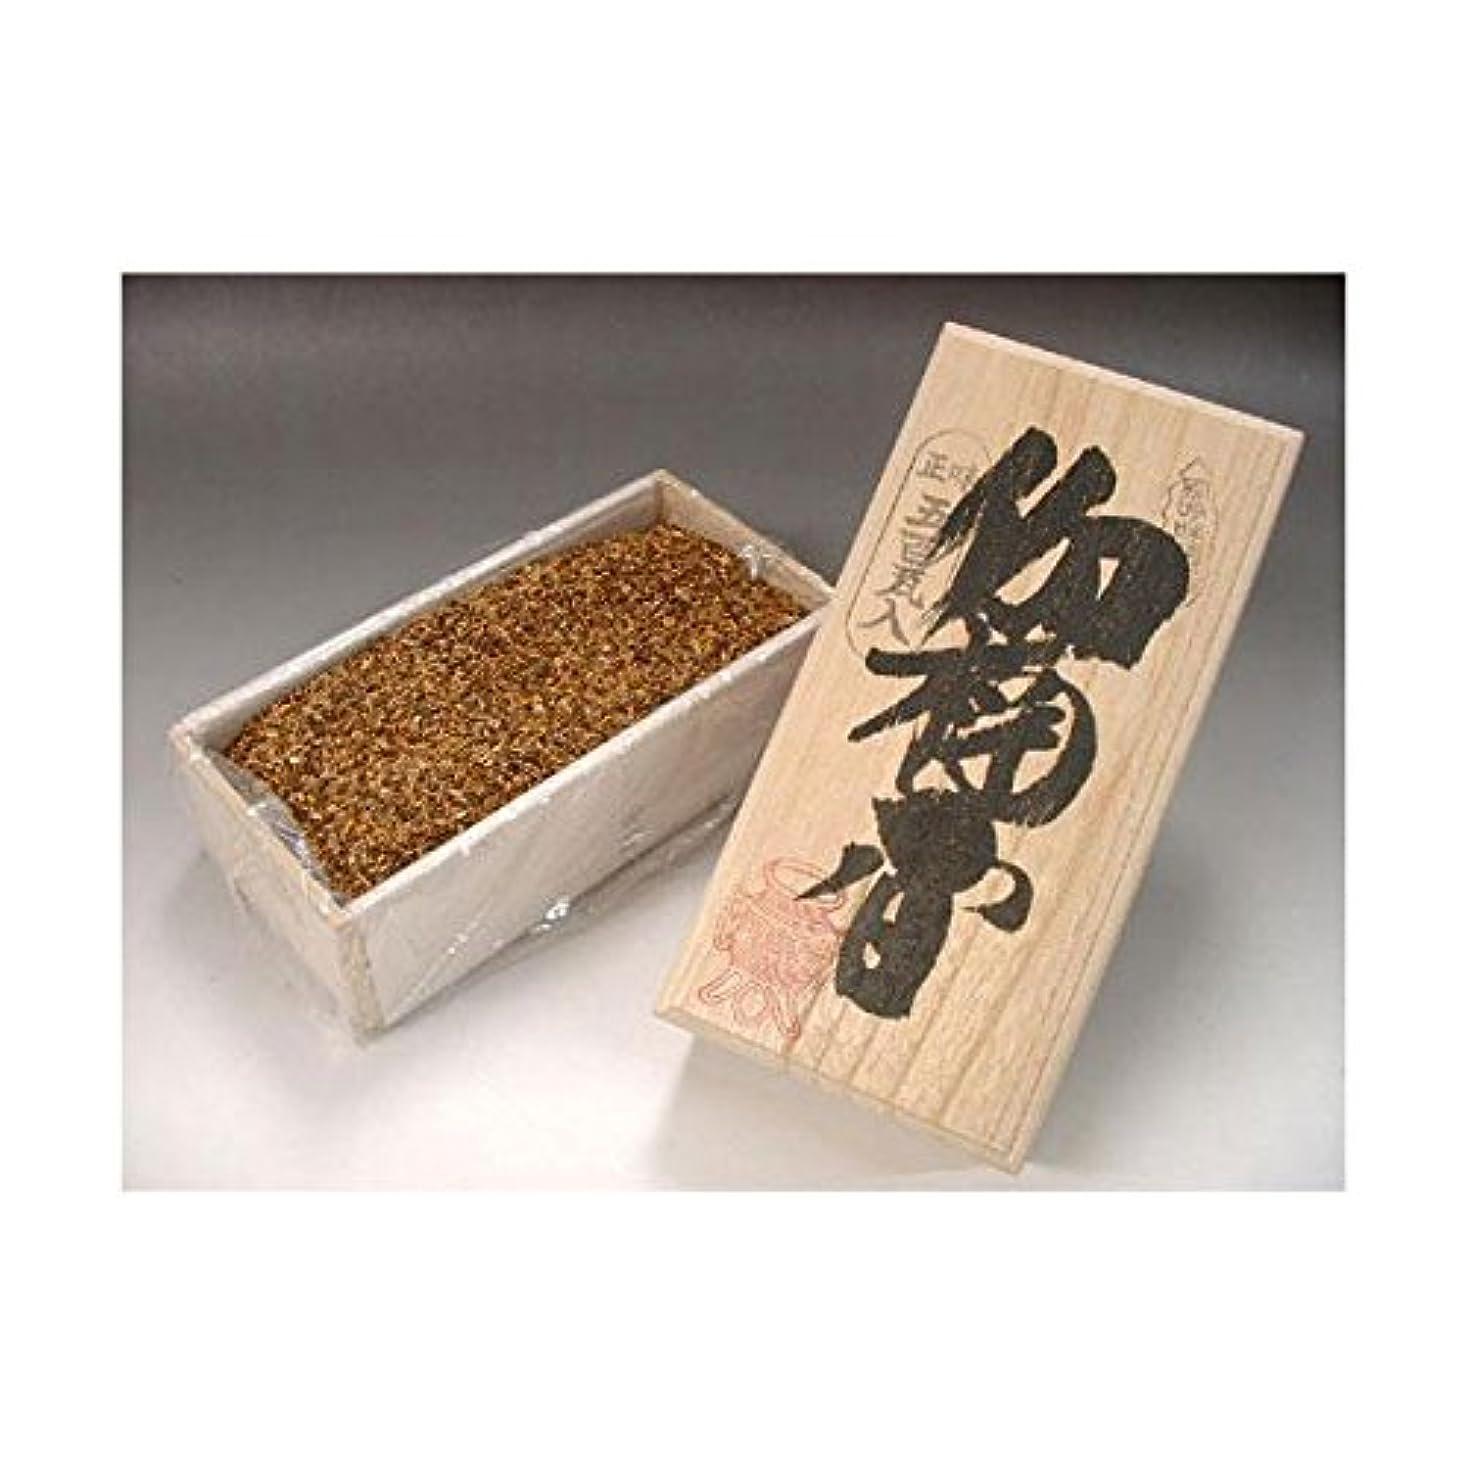 カバー密度マント焼香 伽楠香(カナンコウ)500g桐箱入